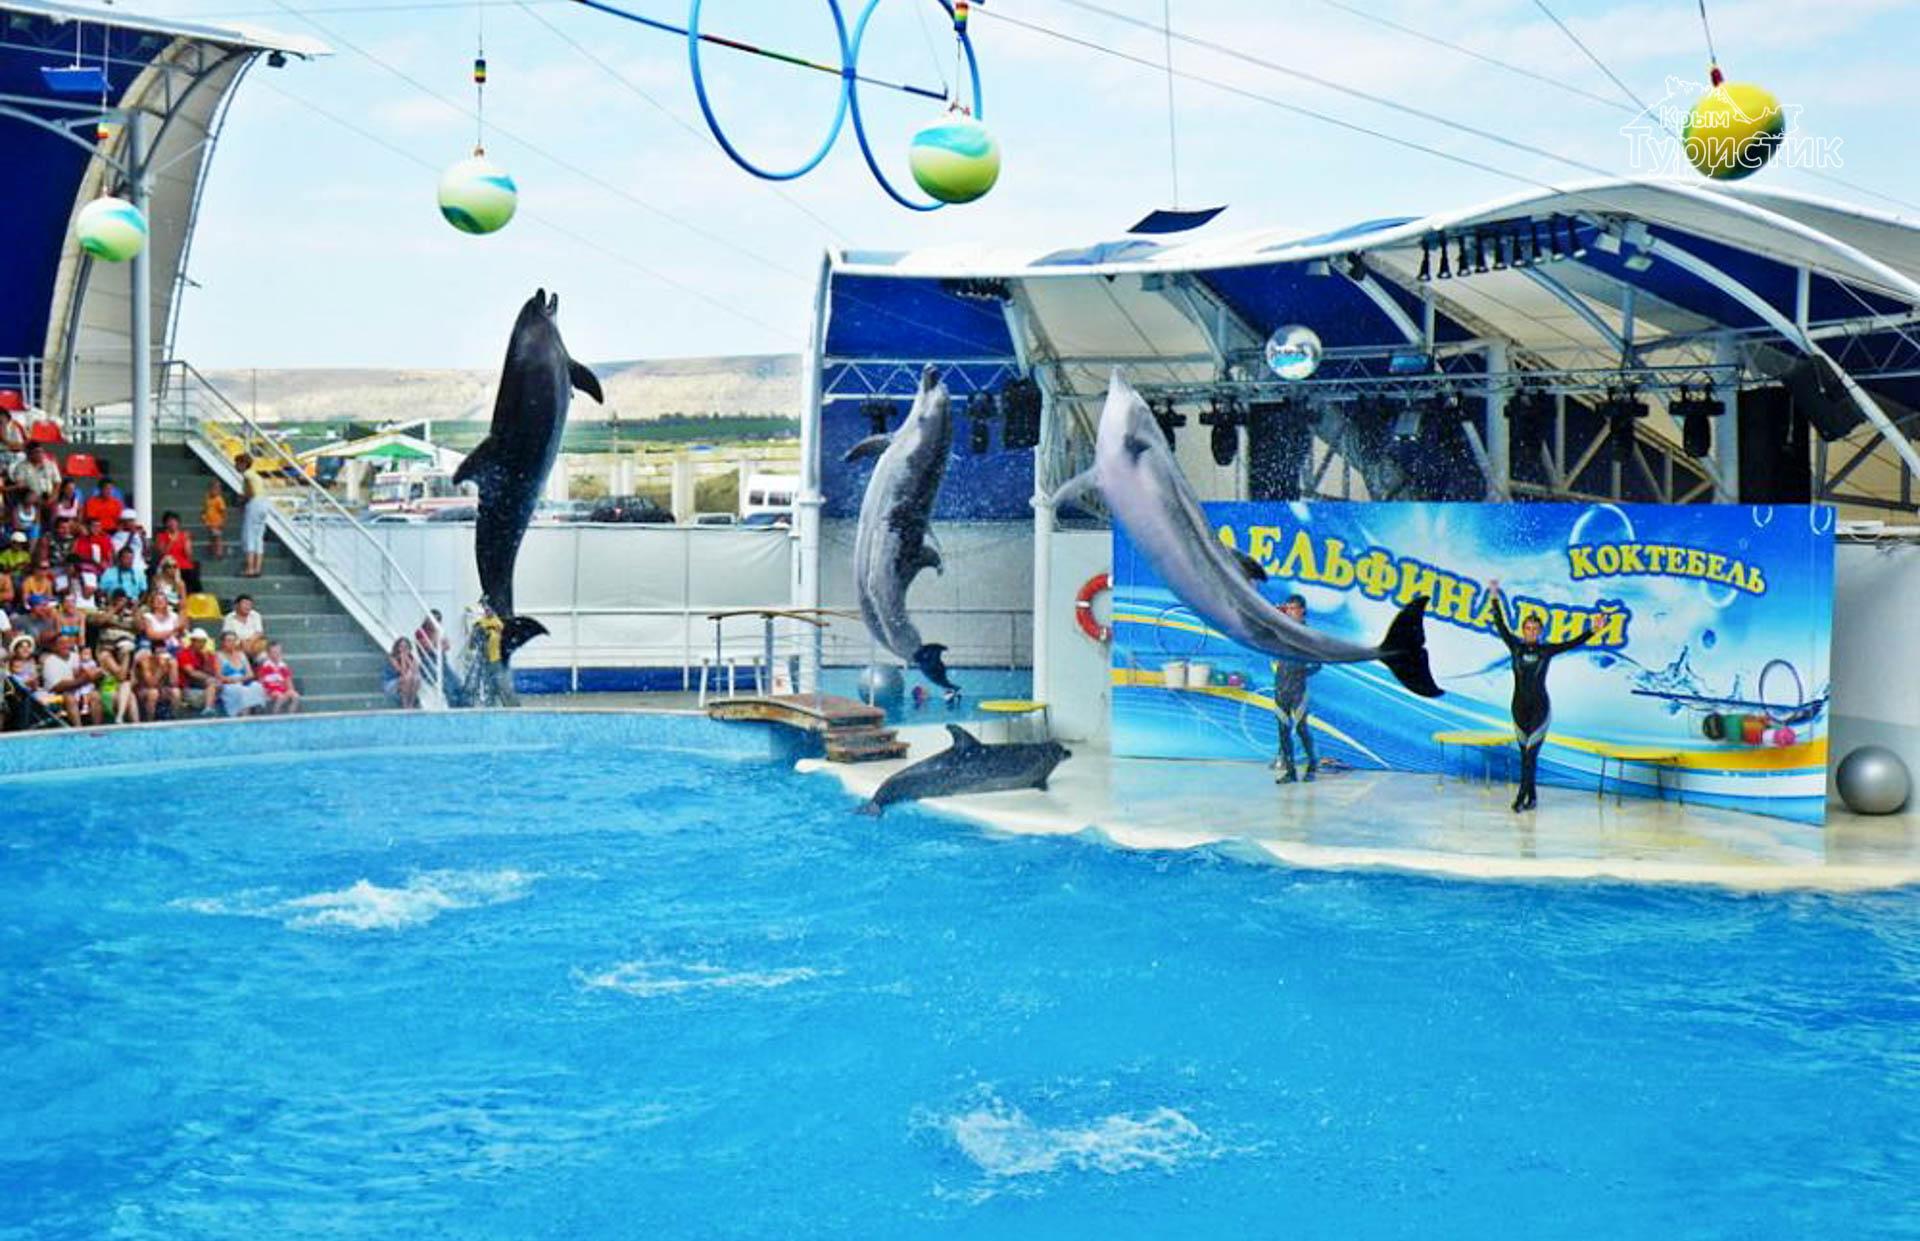 Дельфинарий в Коктебеле (3 фото)